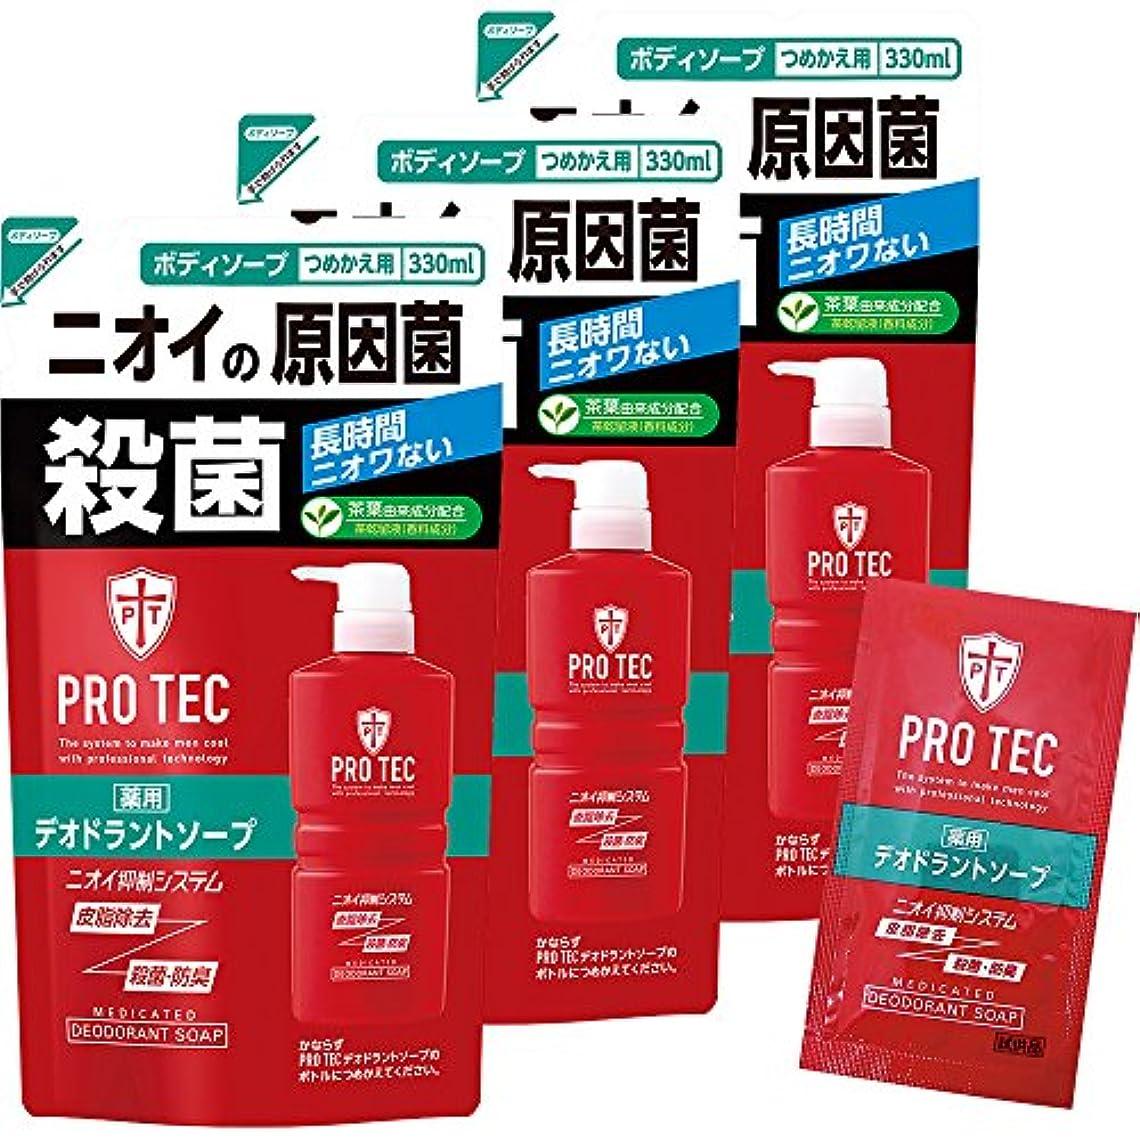 とんでもない最も意見【Amazon.co.jp限定】PRO TEC(プロテク) デオドラントソープ 詰め替え330ml×3個パック+デオドラントソープ1回分付(医薬部外品)